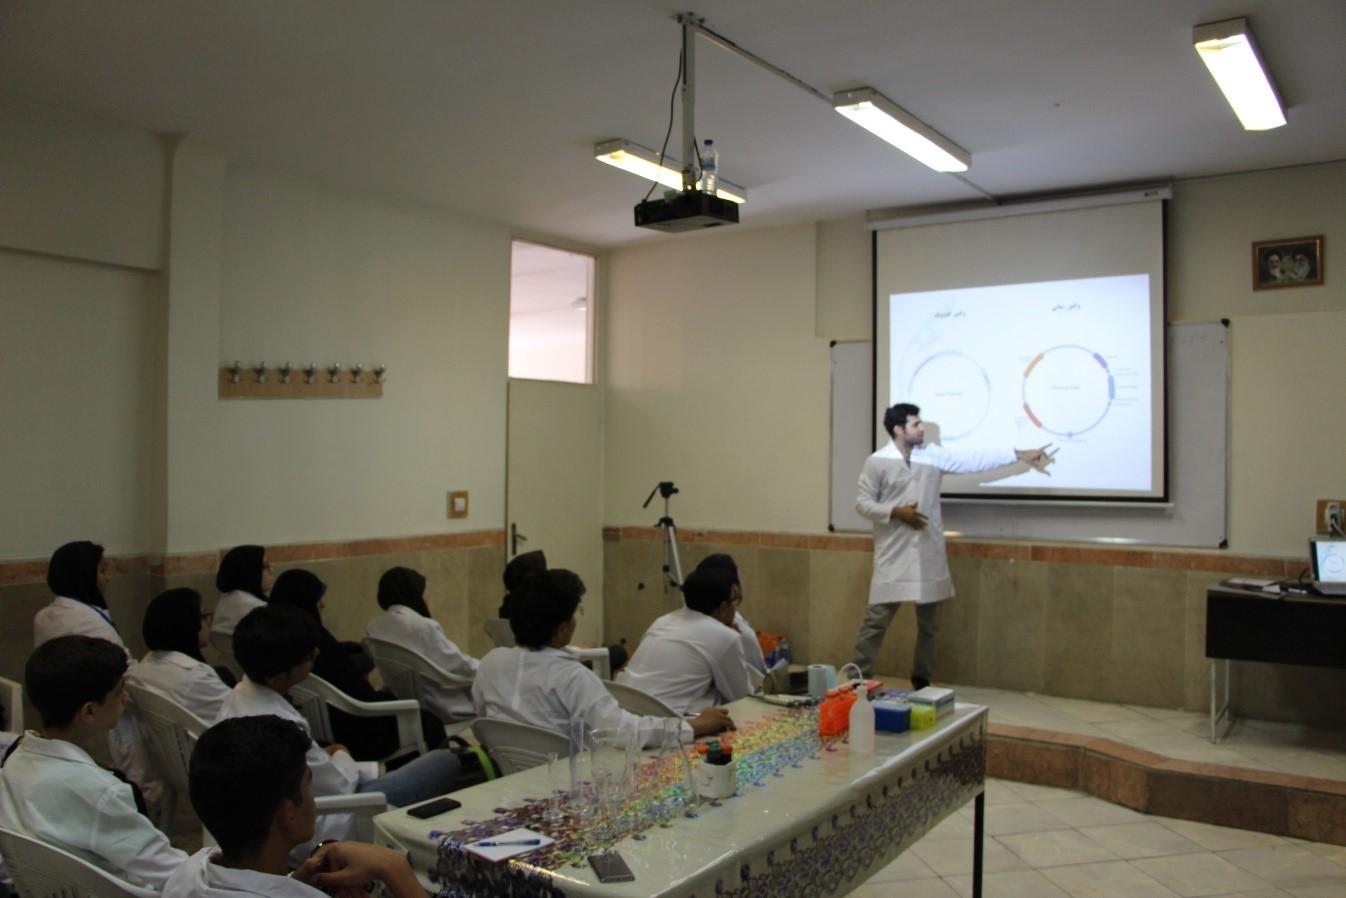 تصویری از کارگاه کار بیان ژن قطب اولین کارسوق مهندسی ژنتیک قطب تهران